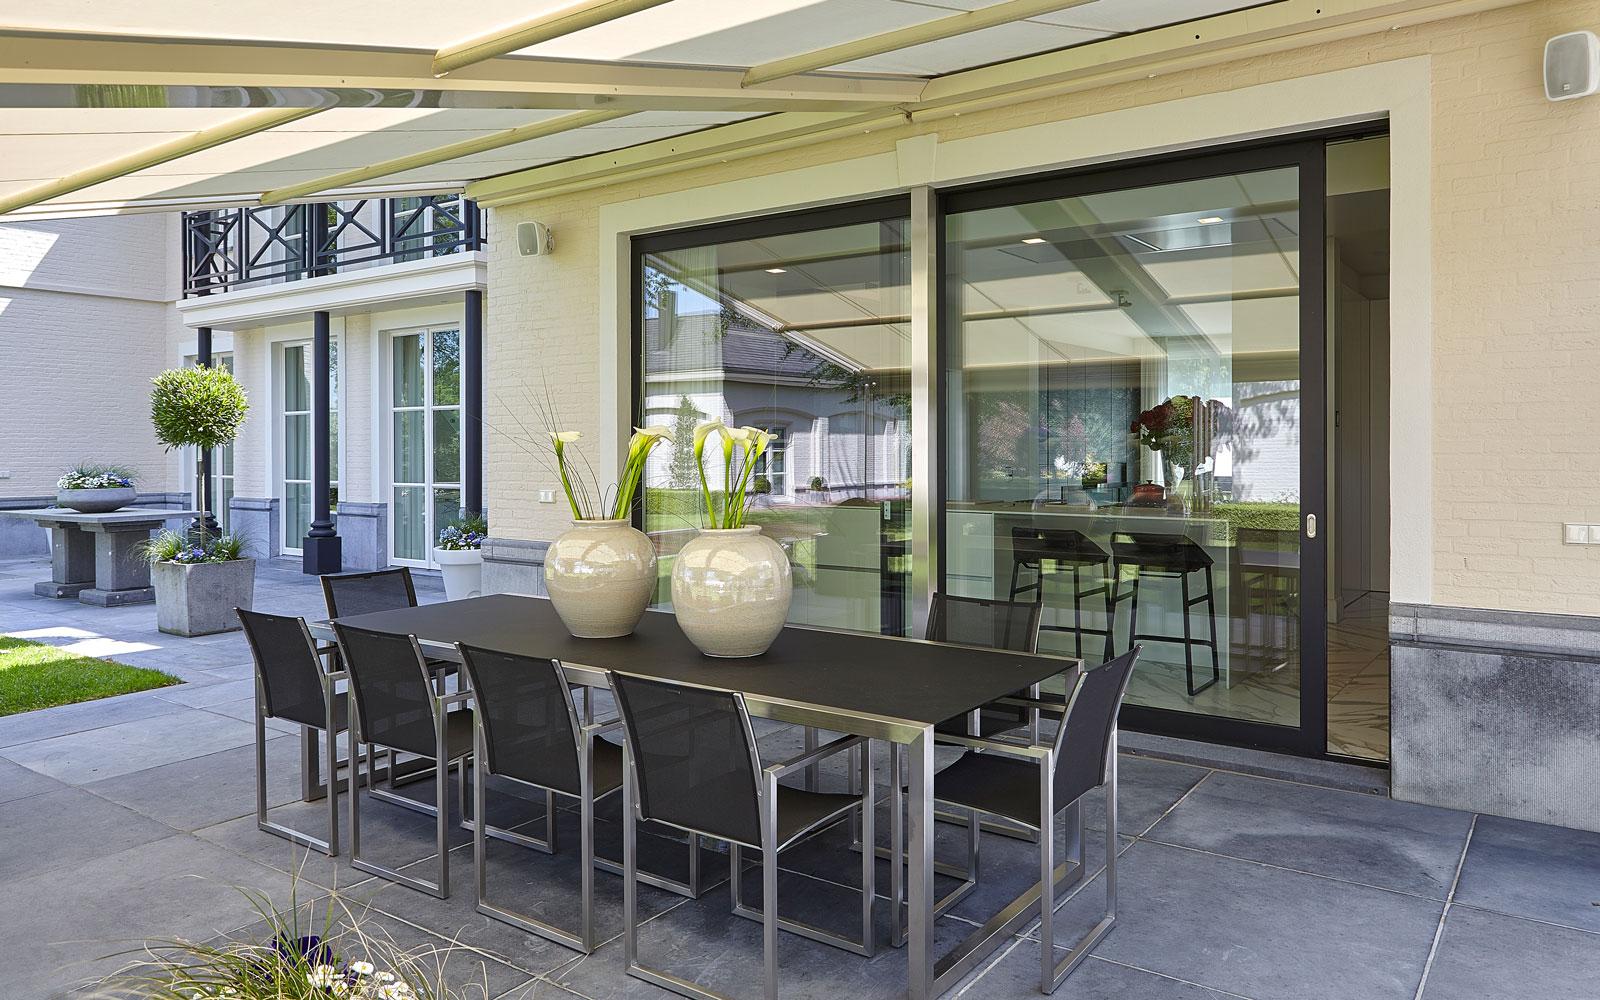 Terras, matzwarte aluminium schuifdeur, muzieksysteem, afdak, marmeren villa, Rob Zeelen Interior